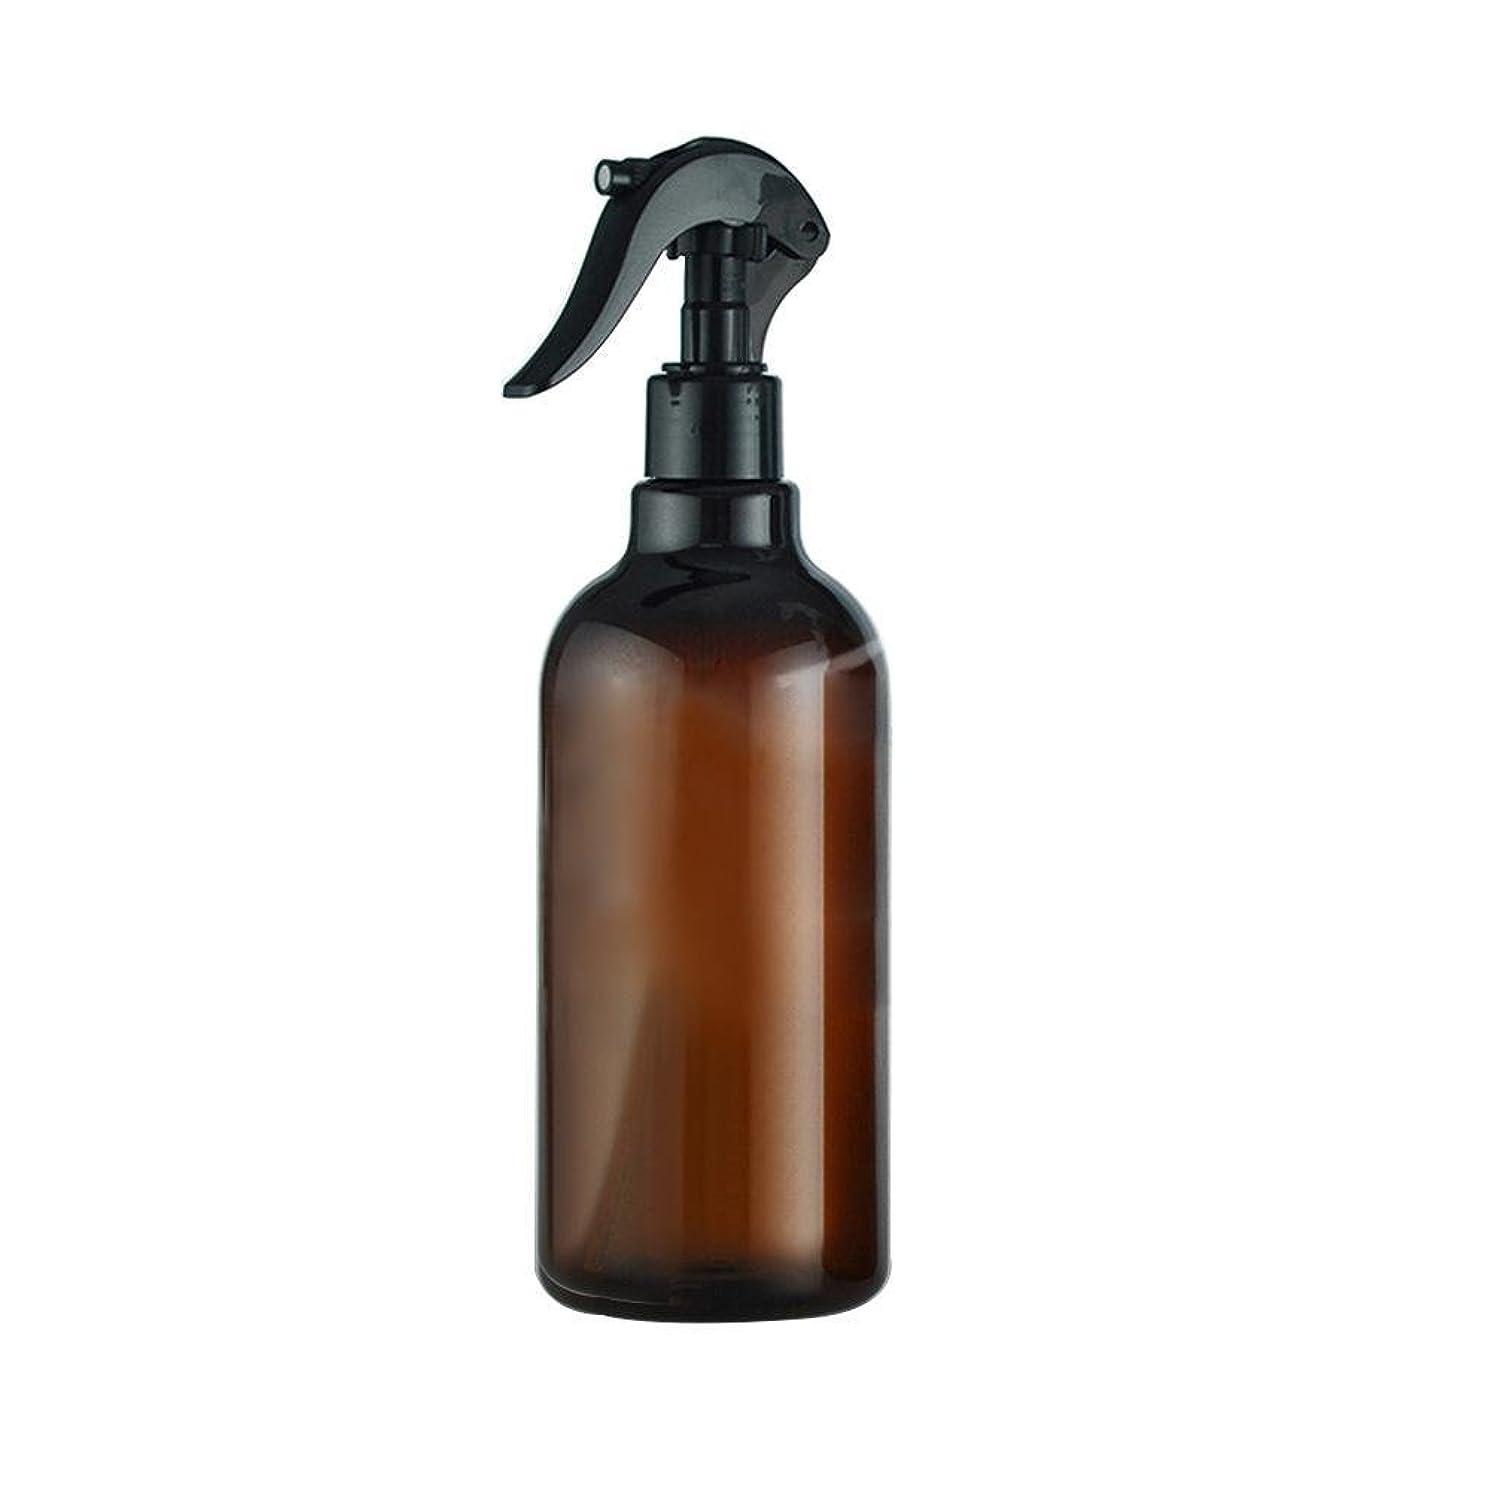 十分ではないカスタムつらいBETTER YOU (ベター ュー) スプレーボトル 化粧品ボトル 500ml 詰替え容器 ボトル 化粧水入れ 旅行 香水 化粧水用瓶